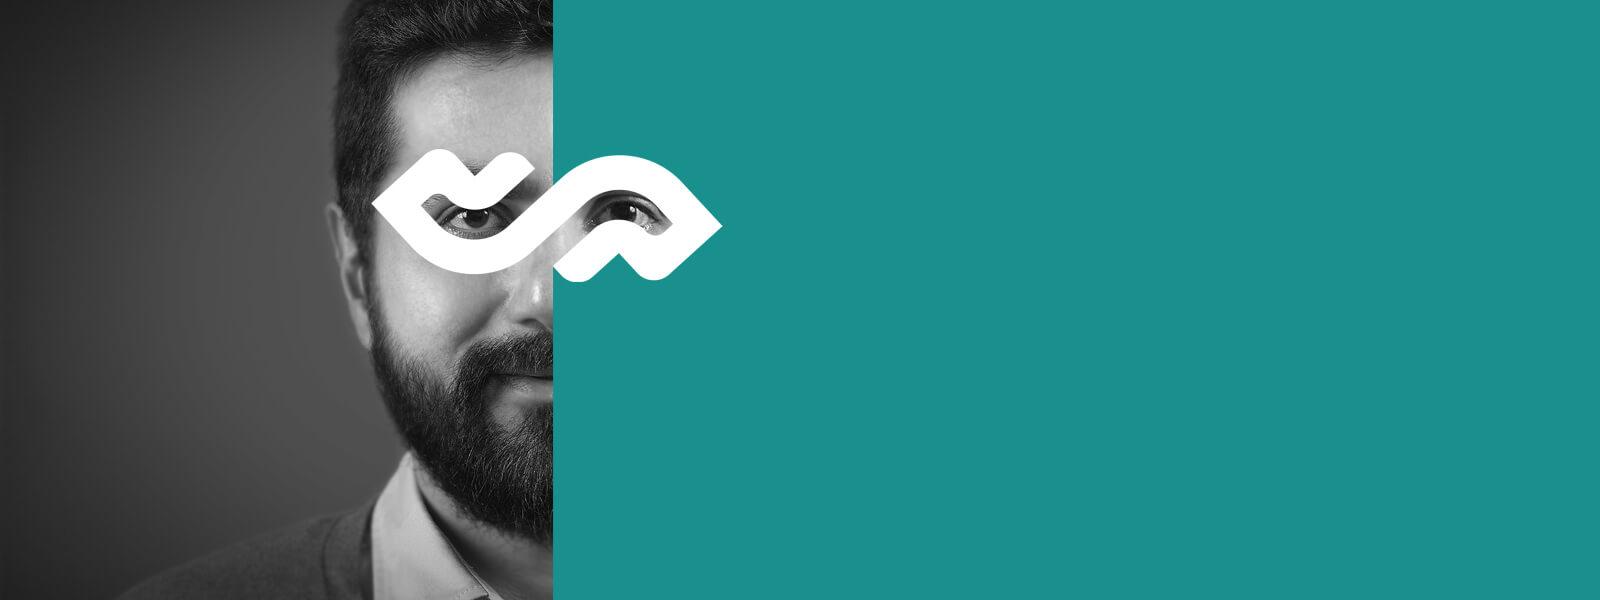 لایه دوم اسلاید سی و پنجمین جشنواره بین المللی تئاتر فجر، هویت بصری سی و پنجمین جشنواره بین المللی تئاتر فجر، طراحی لوگو، طراحی لوگوتایپ، شرکت تبلیغاتی الف، طراحی هویت بصری